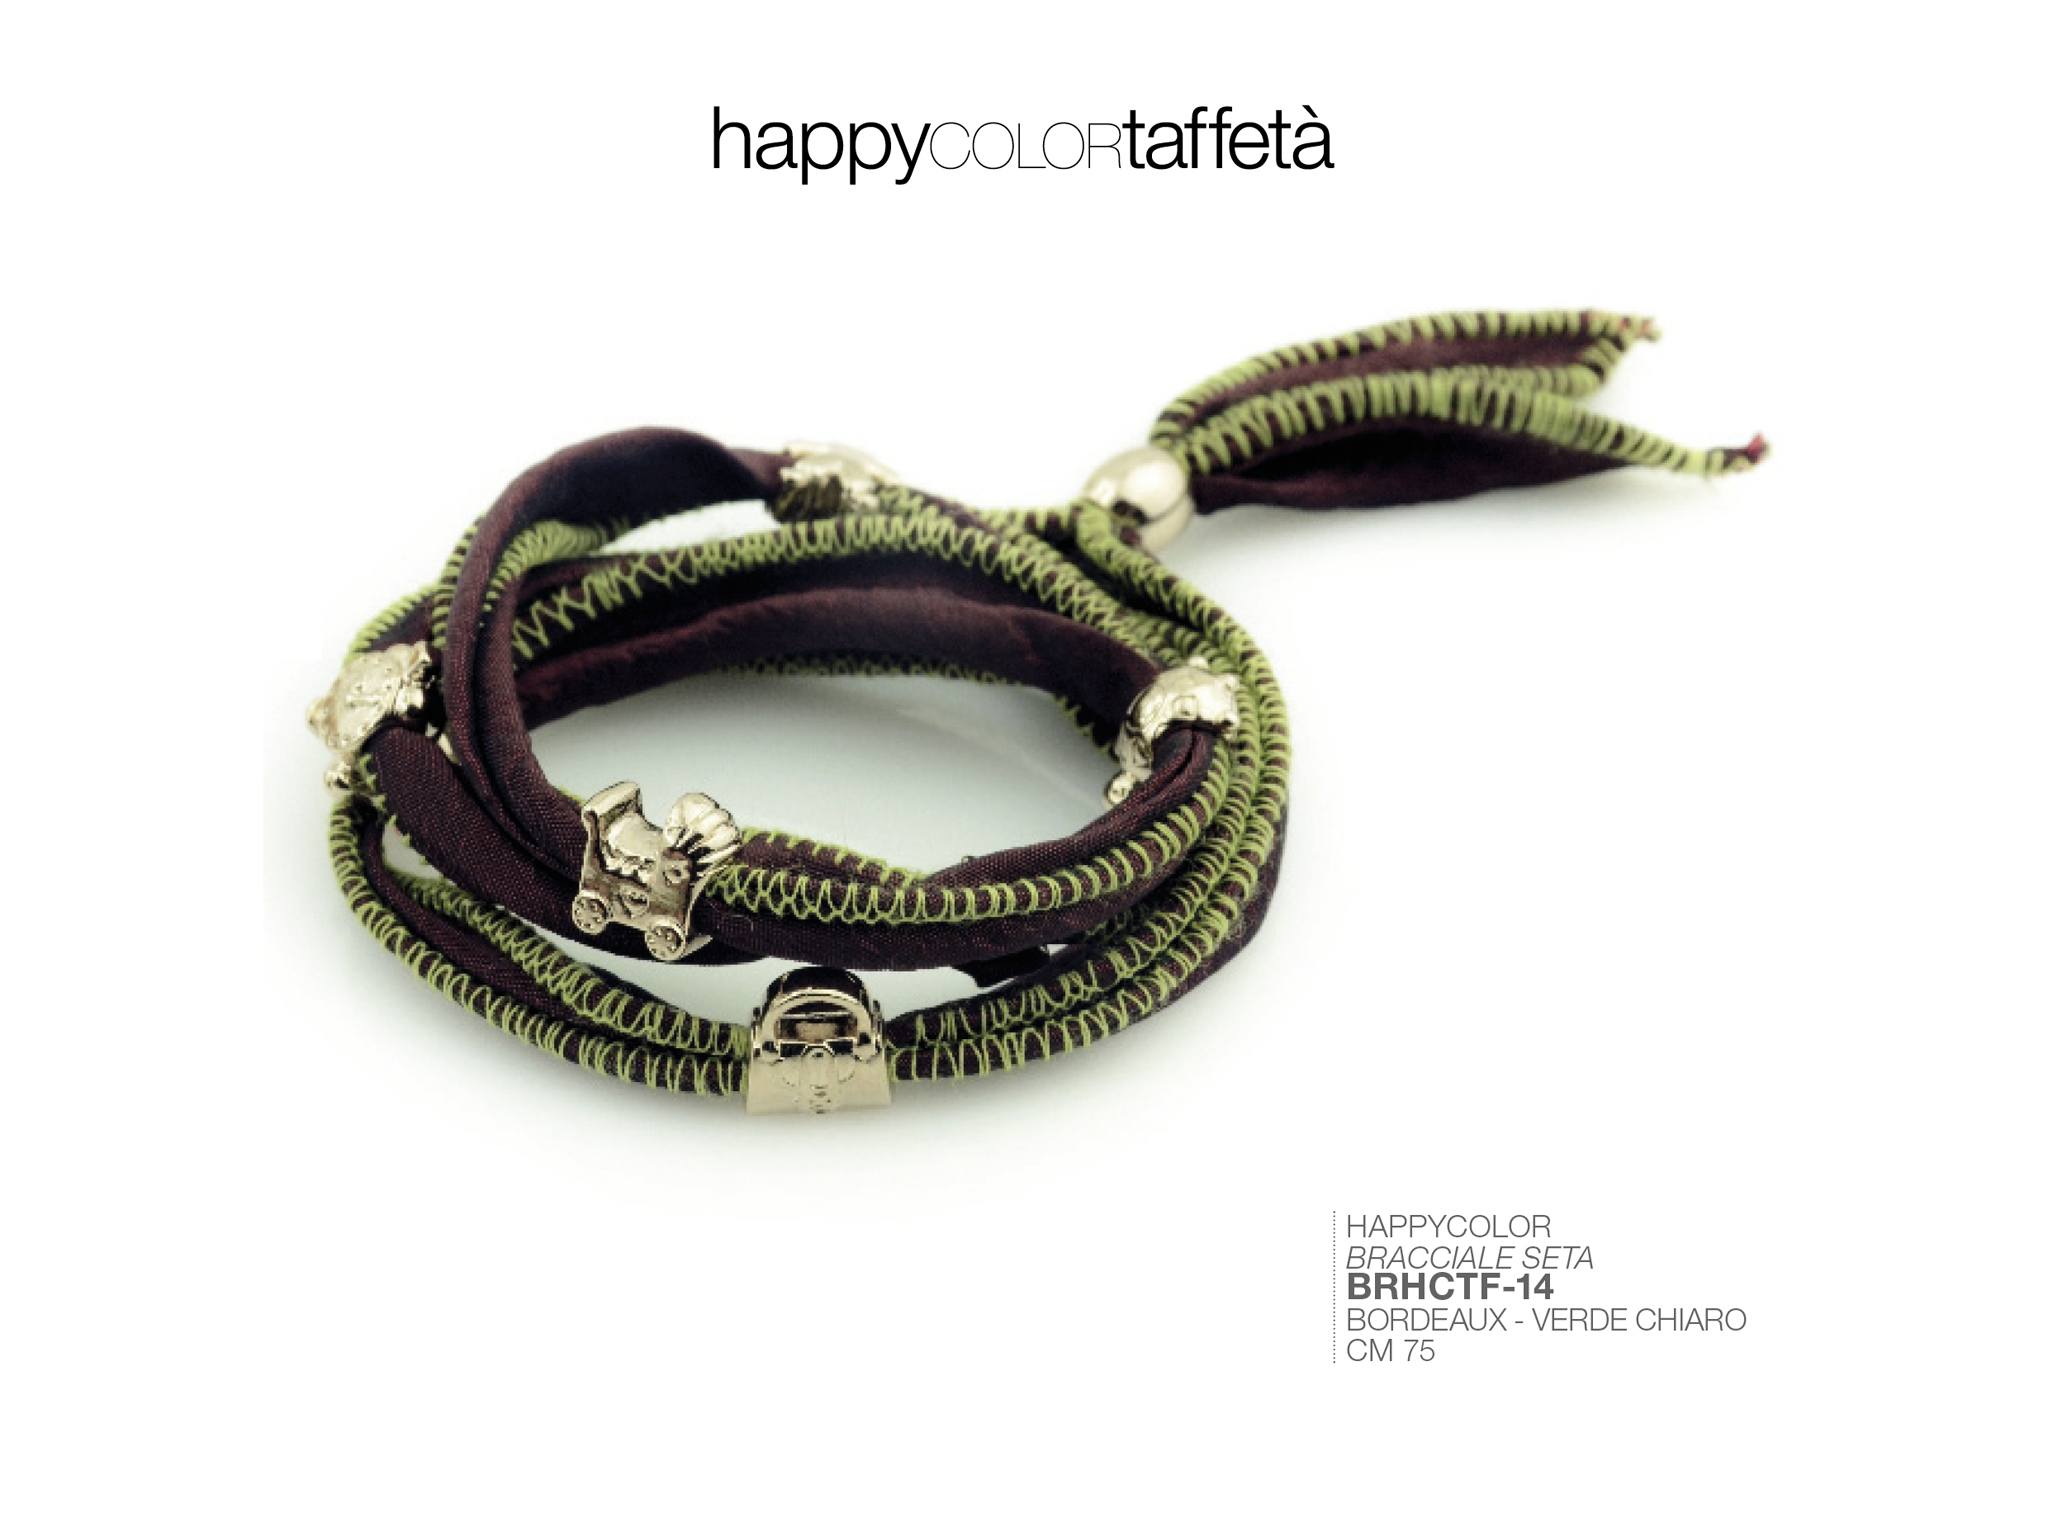 happycolor_taffeta_pagina_15_app